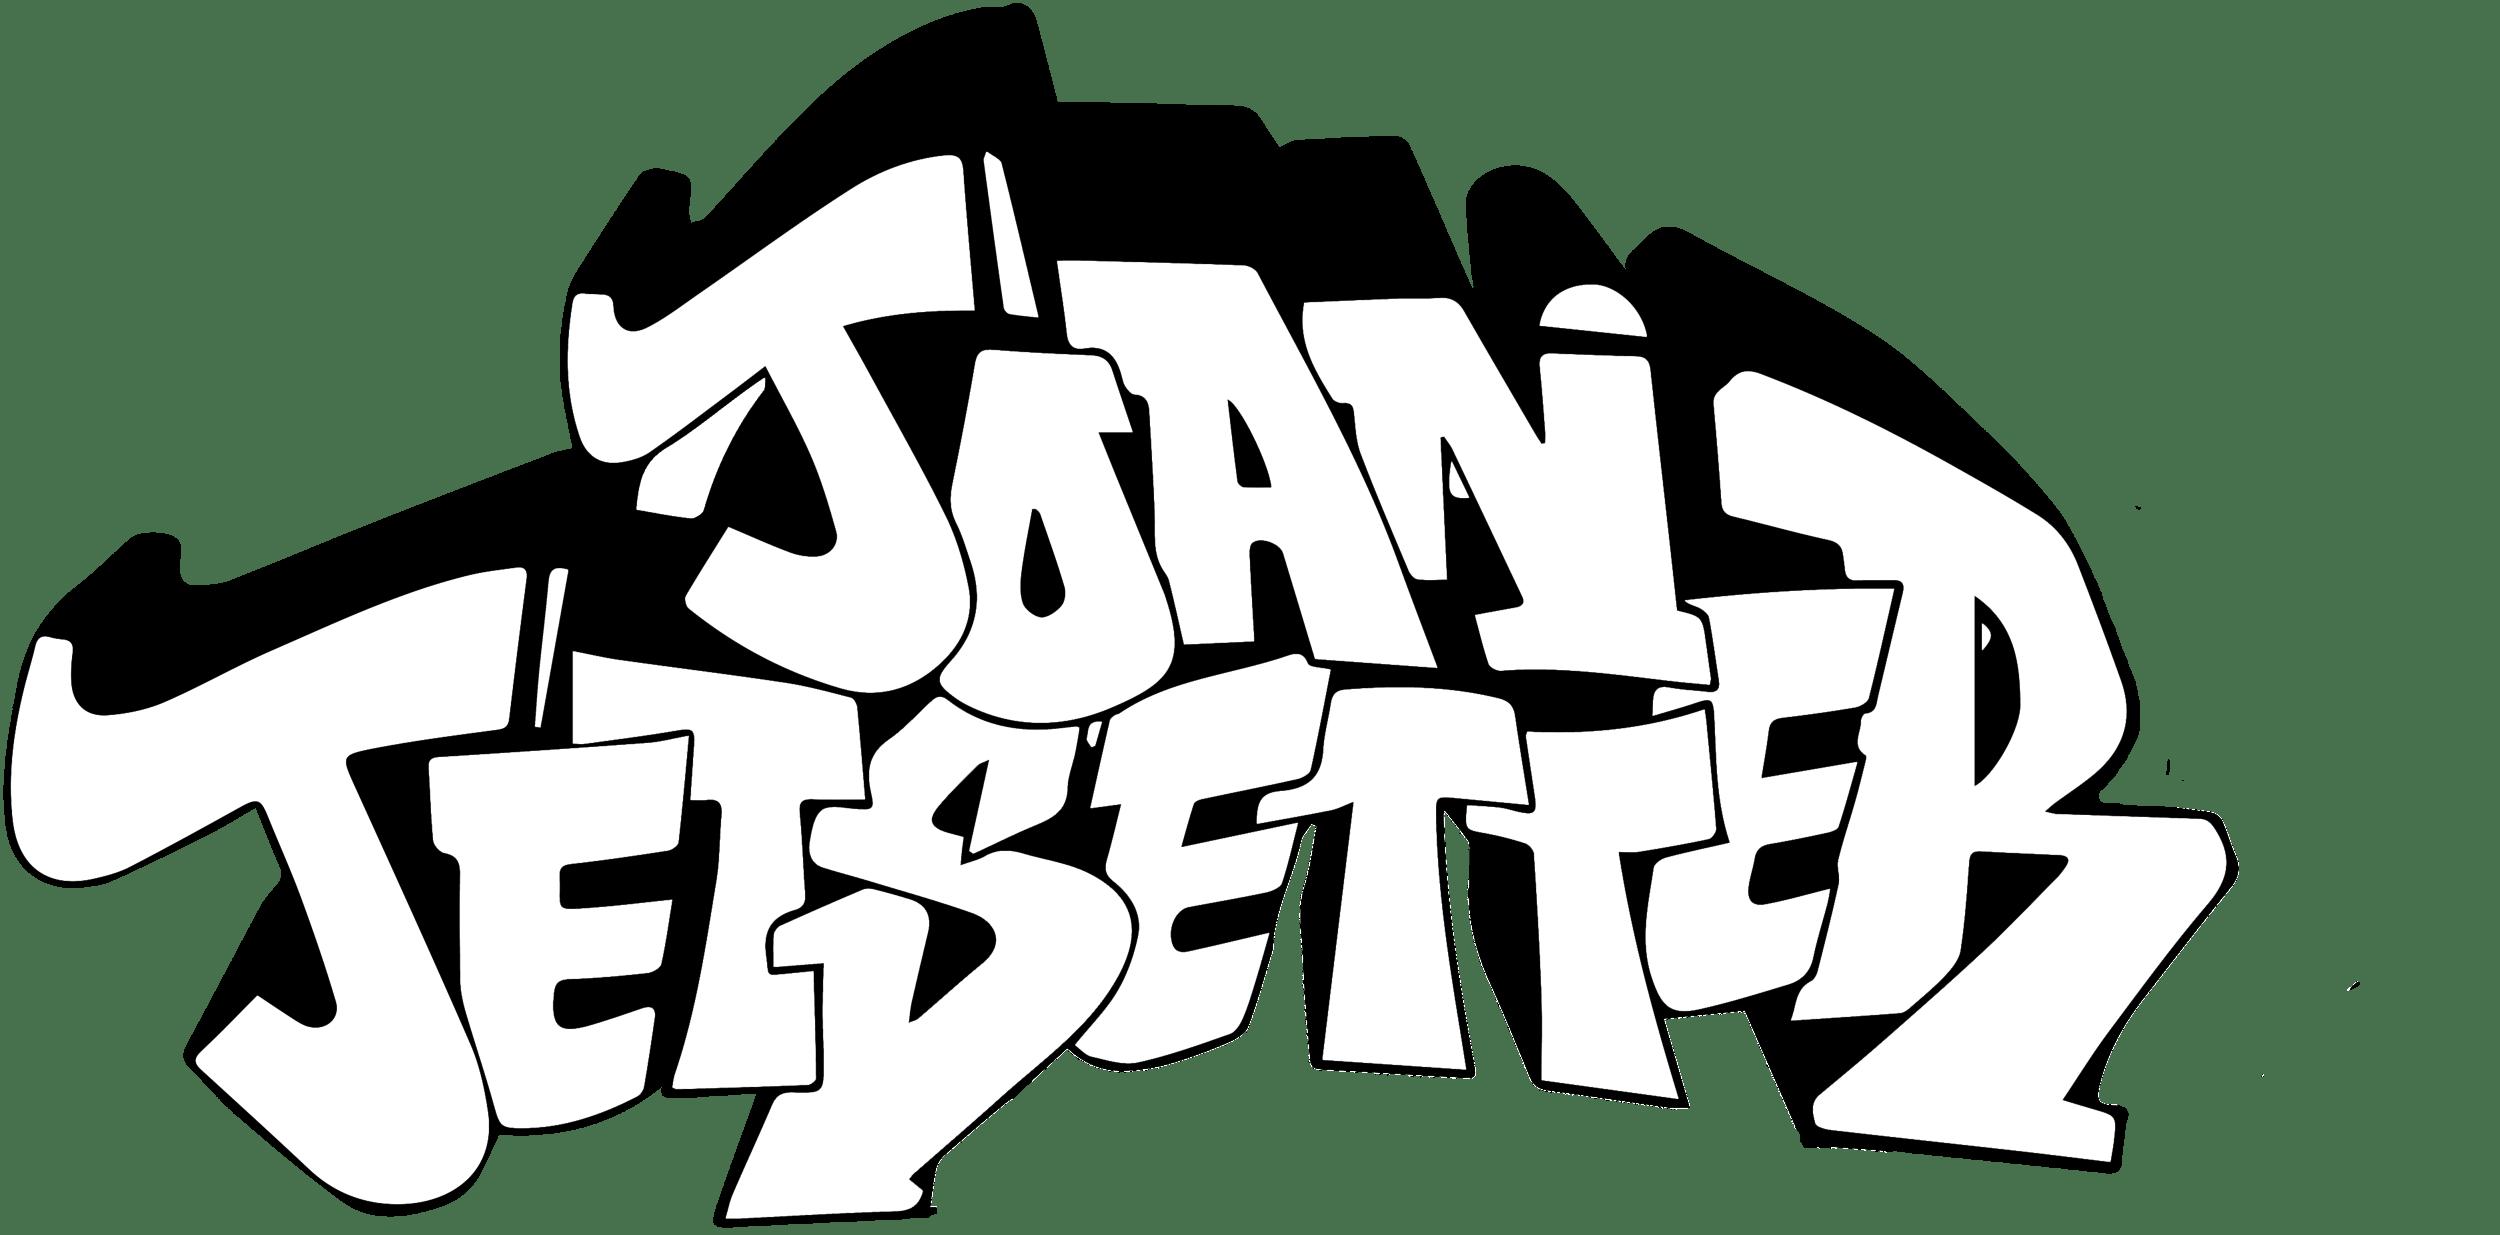 hight resolution of joan jetsetter